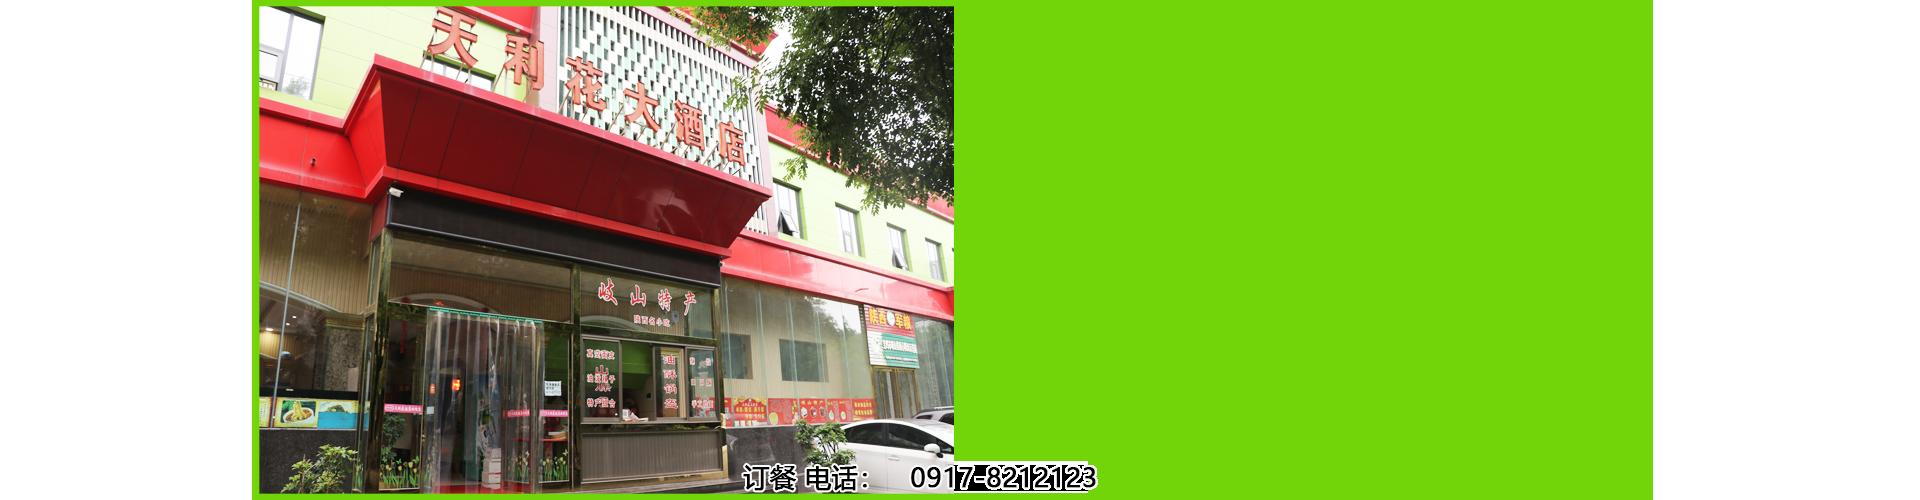 03【新利18体育app酒店-门头】联系我们